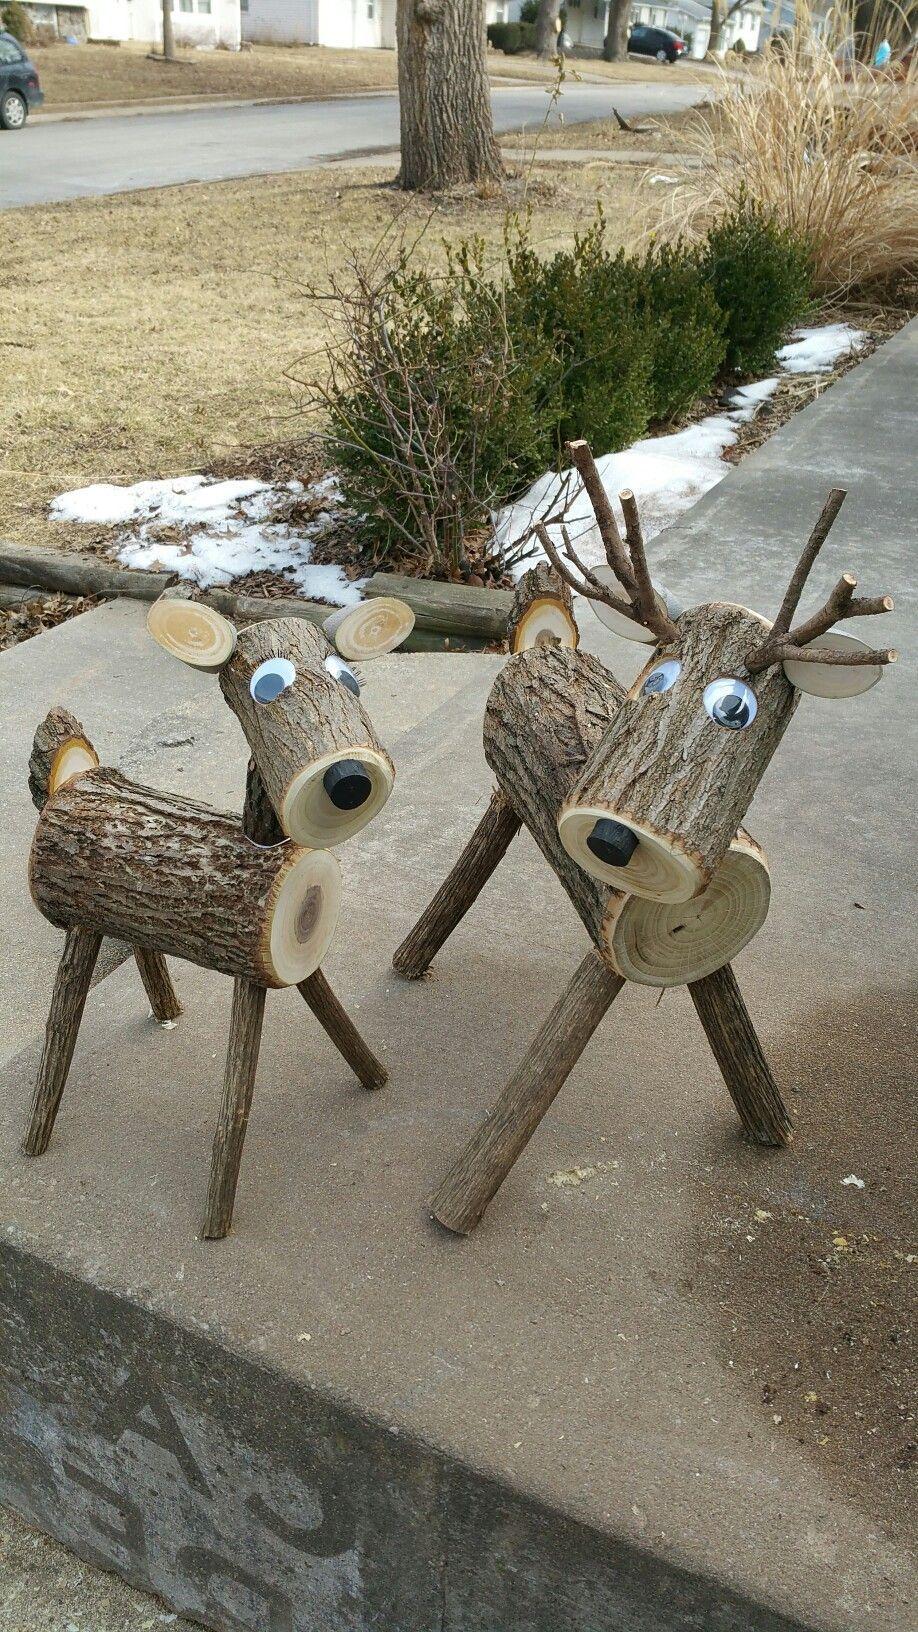 Xtra Large Deer 40 Plus Lbs Deer Dekoholzdekoration Diyholzdekoration Holzdekora En 2020 Decoration Noel Fait Main Decoration Noel Noel Bricolage Decoration